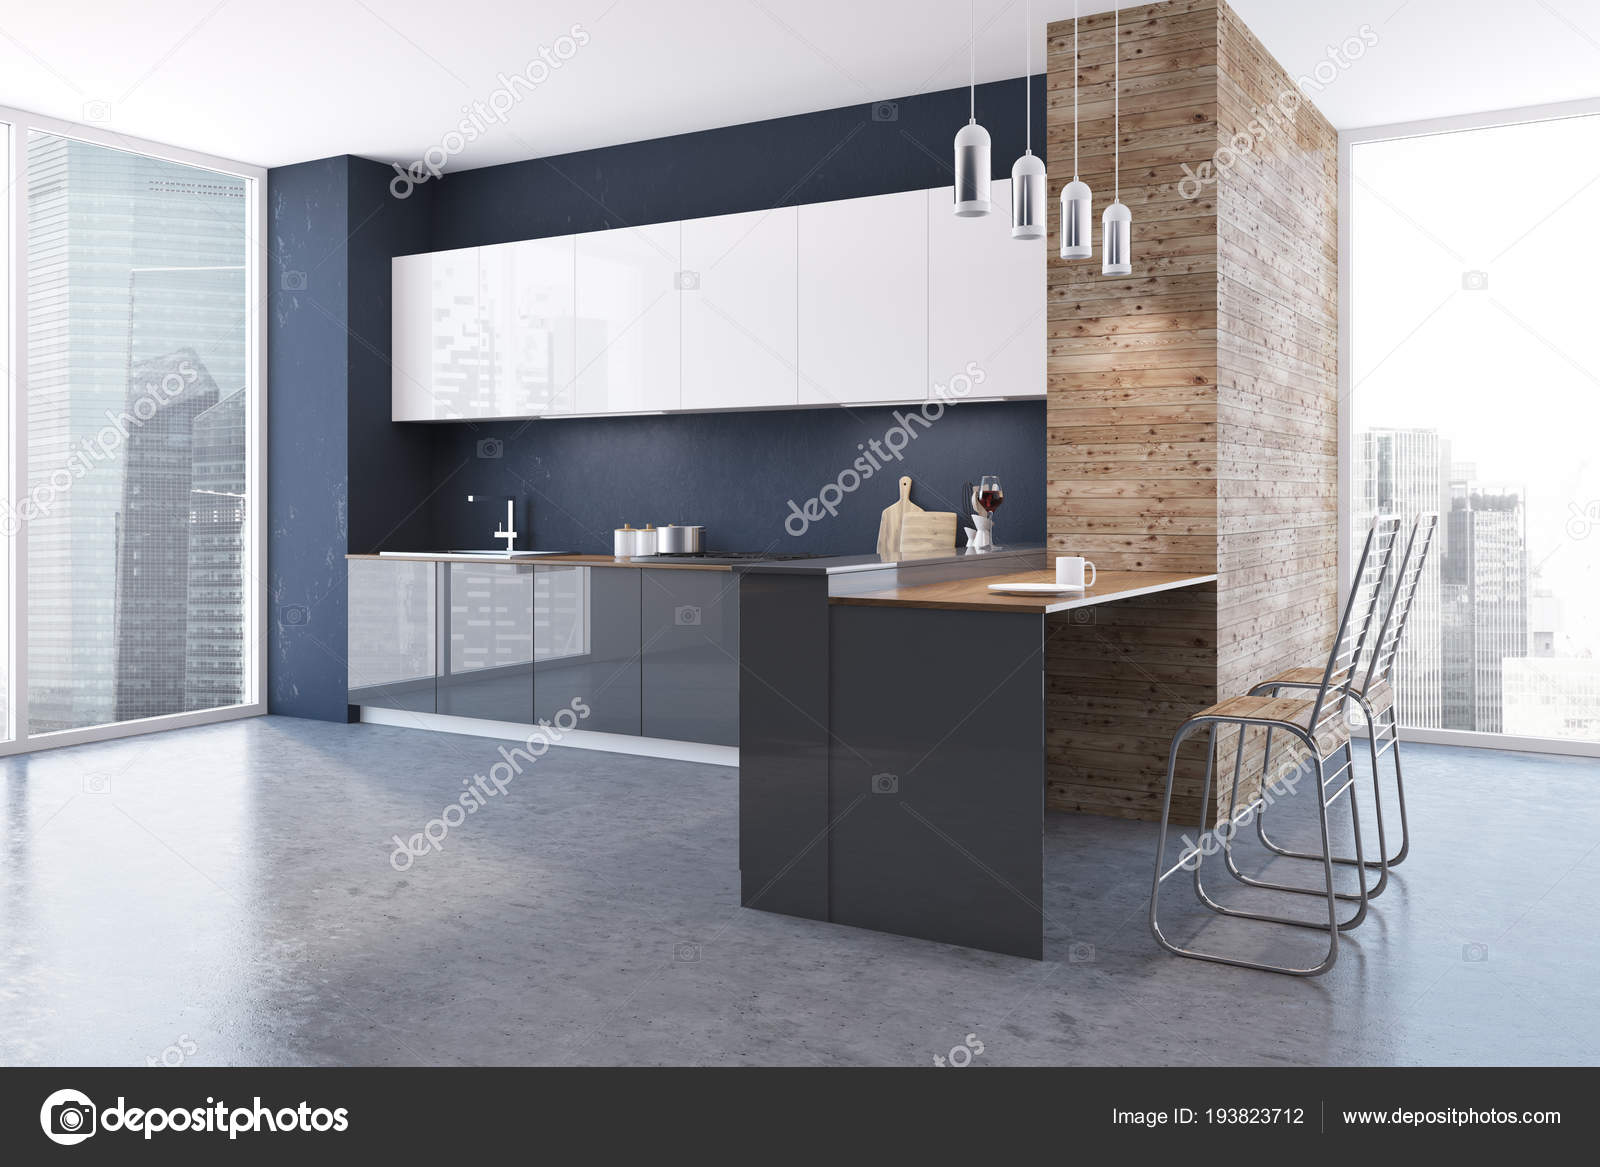 Interno cucina muro nero legno sottotetto con pavimento cemento